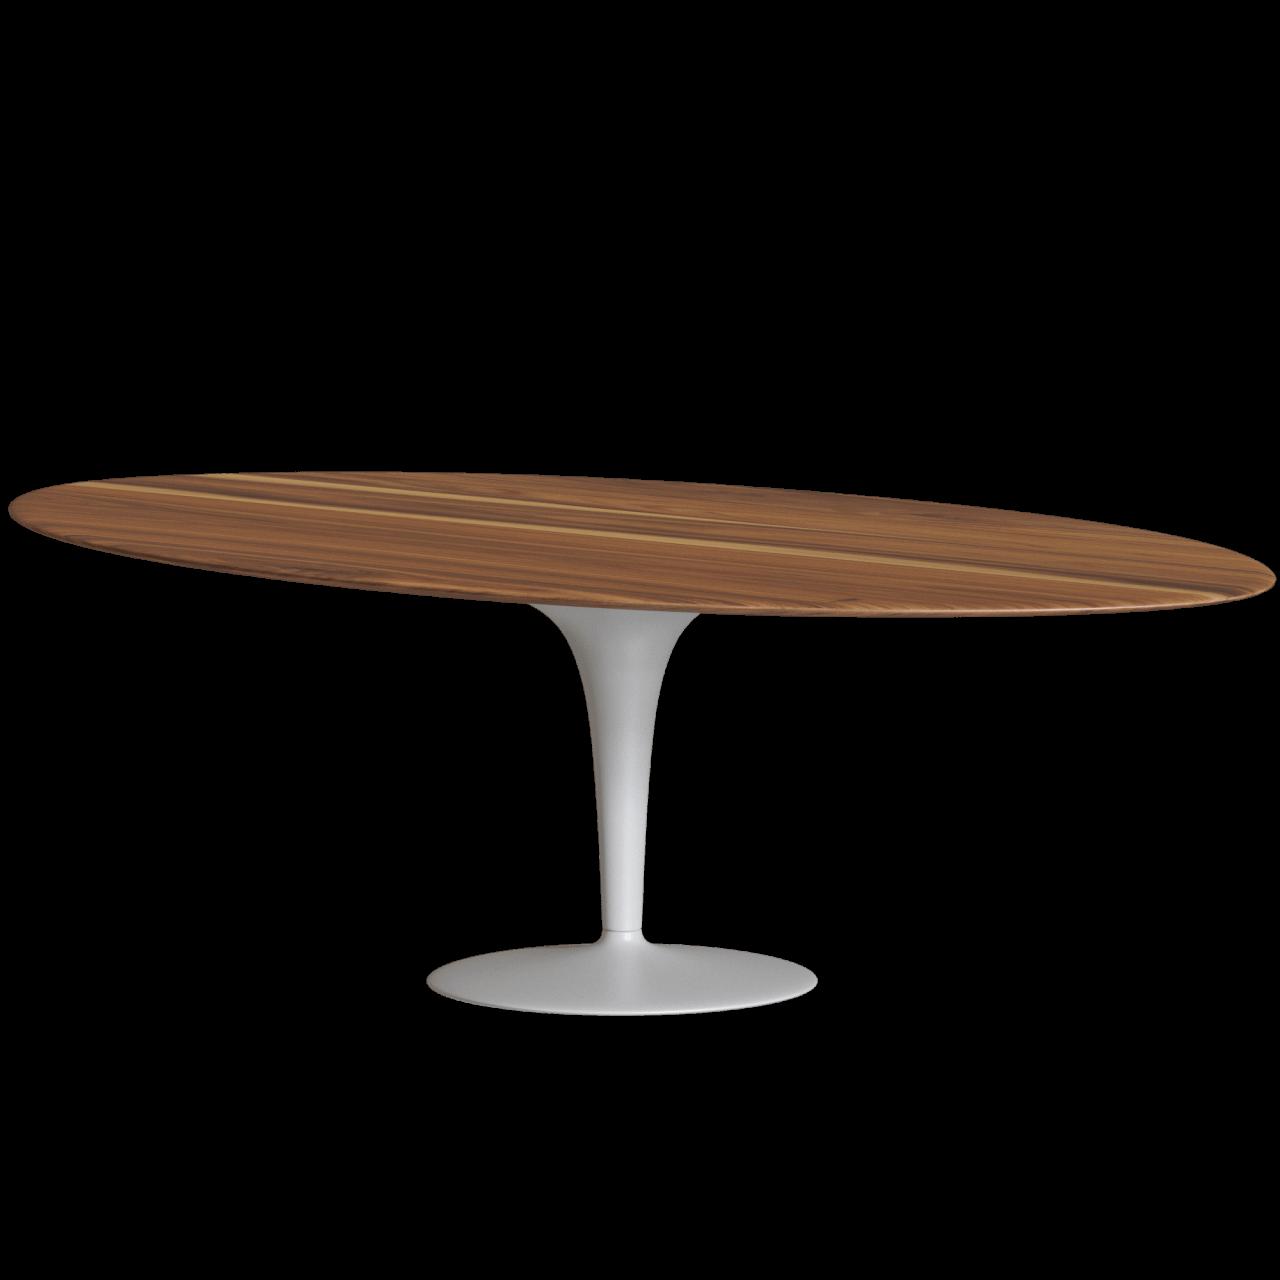 Full Size of Ovaler Esstisch Sheesham Holzplatte 2m Venjakob Esstische Rund Vintage Holz Oval Weiß Massivholz Esstischstühle Mit 4 Stühlen Günstig Glas Rustikal Esstische Ovaler Esstisch